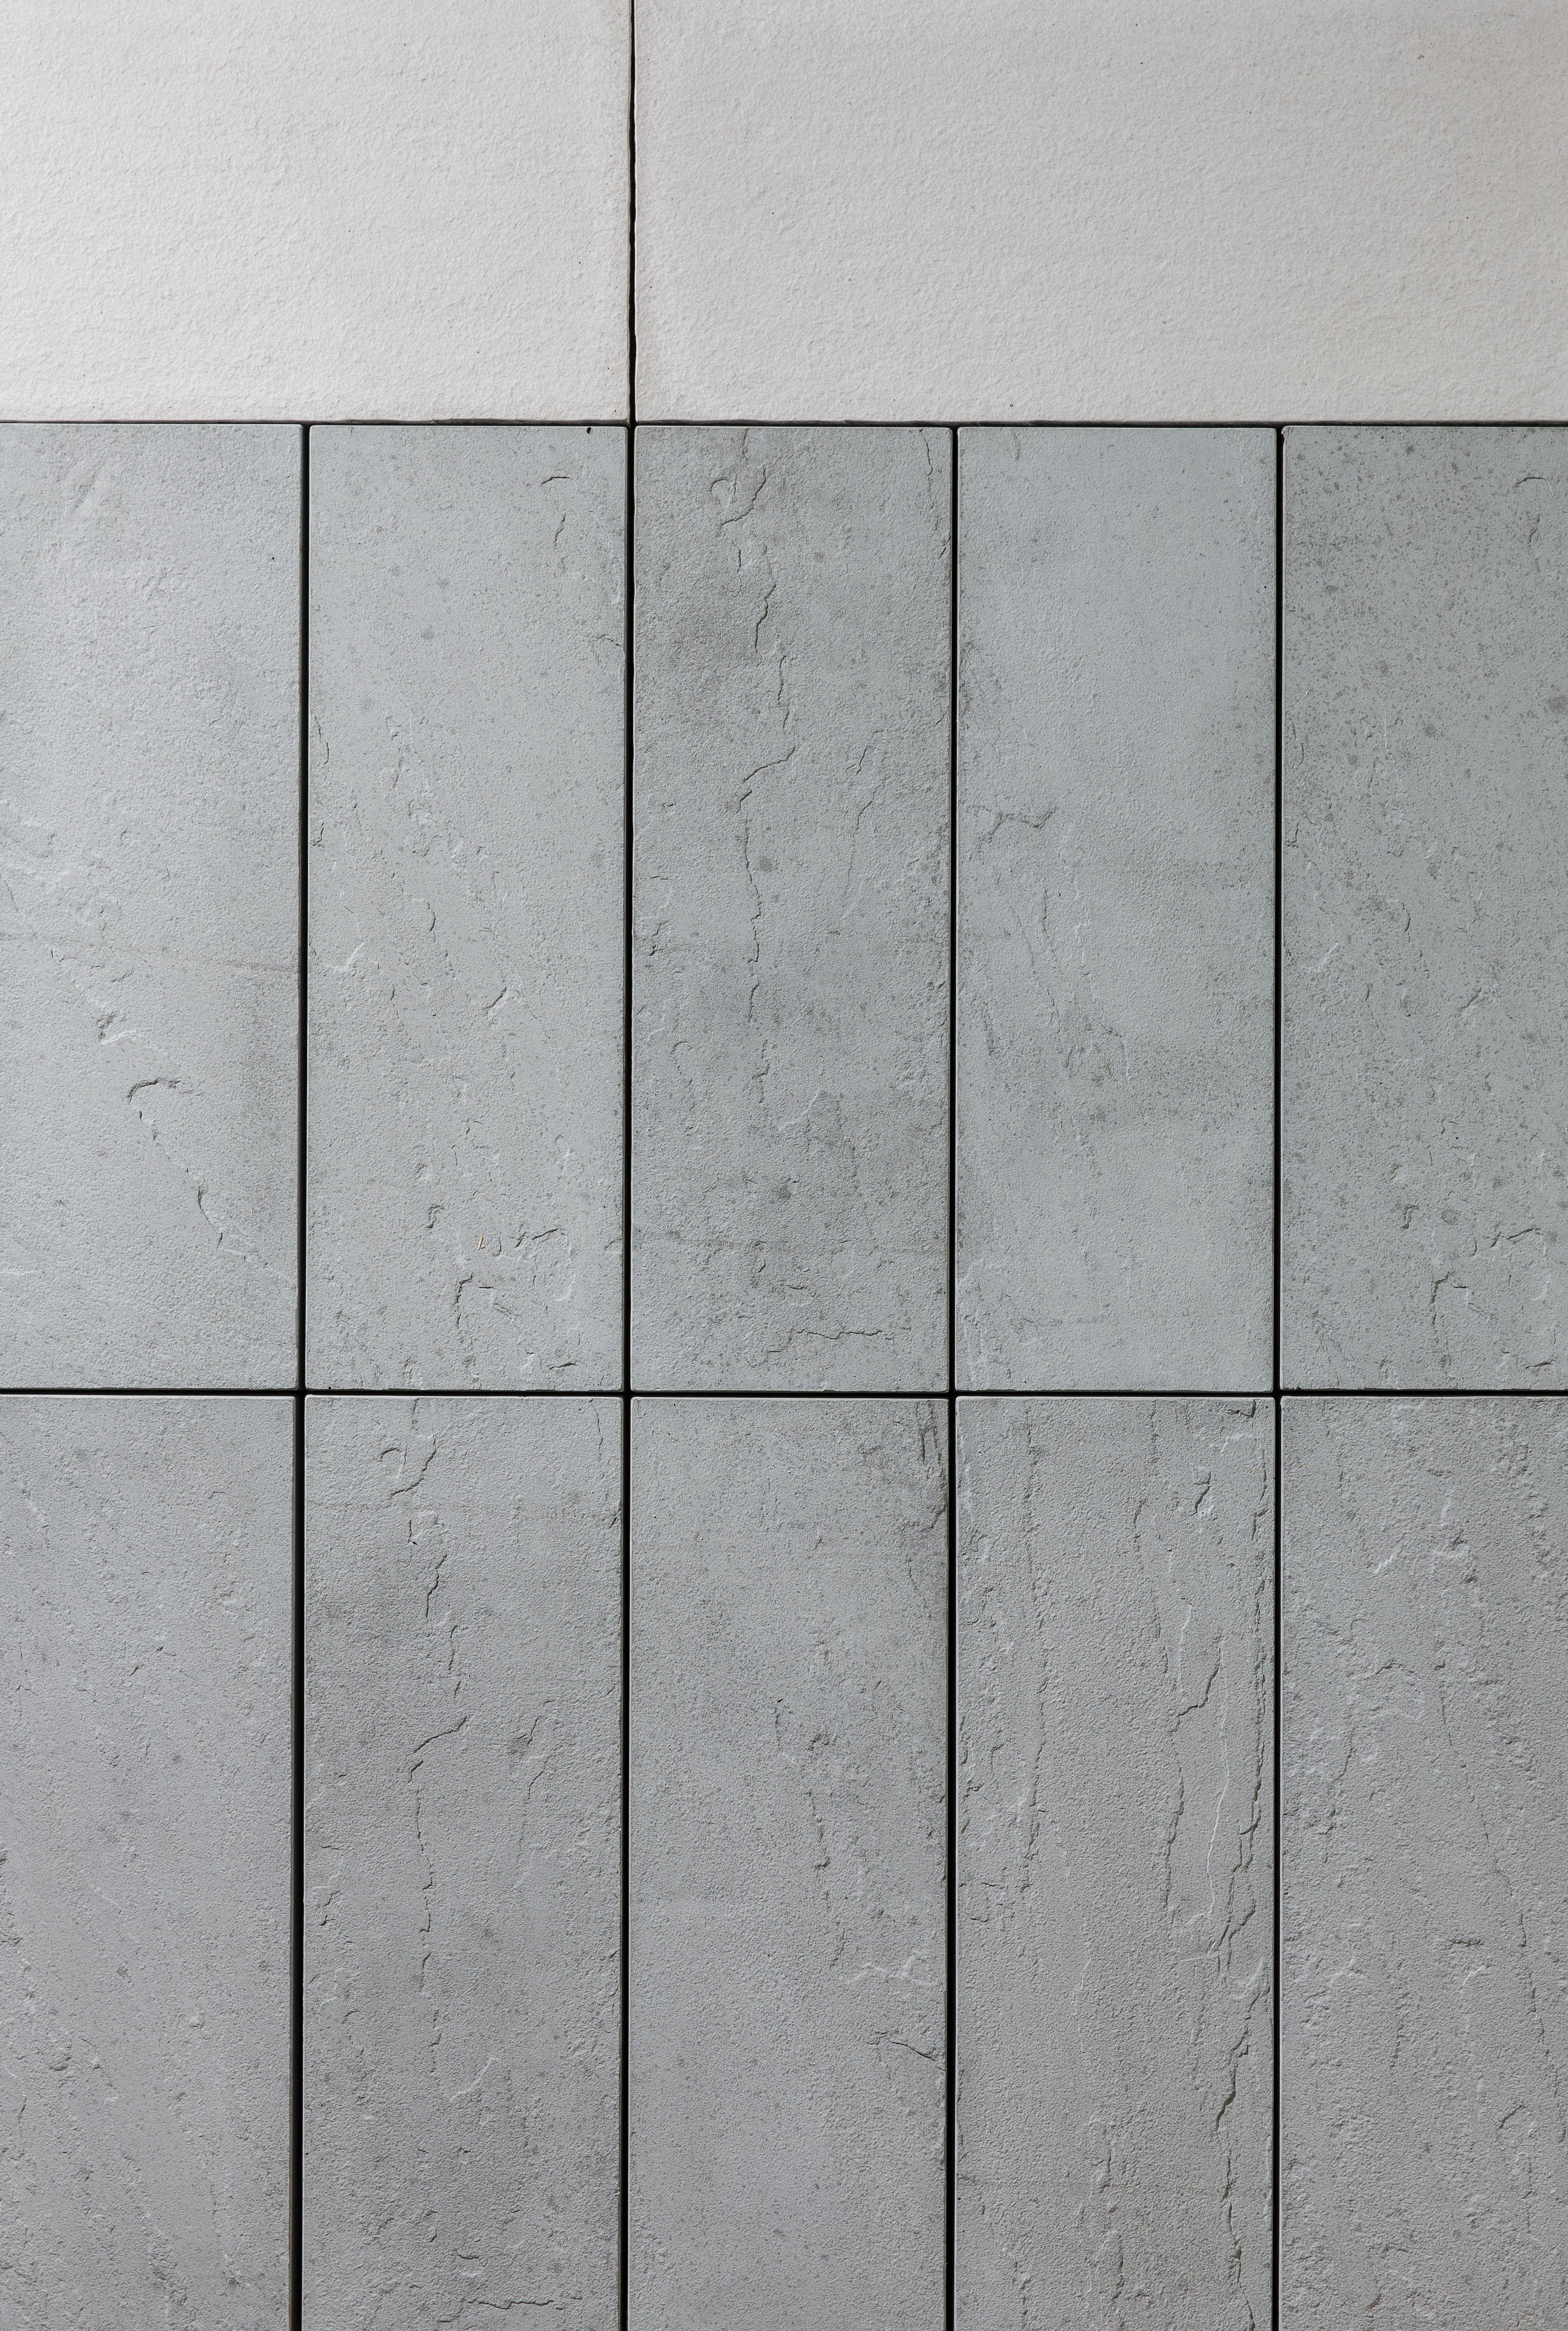 paver mozaiks_187_HR copy.jpg